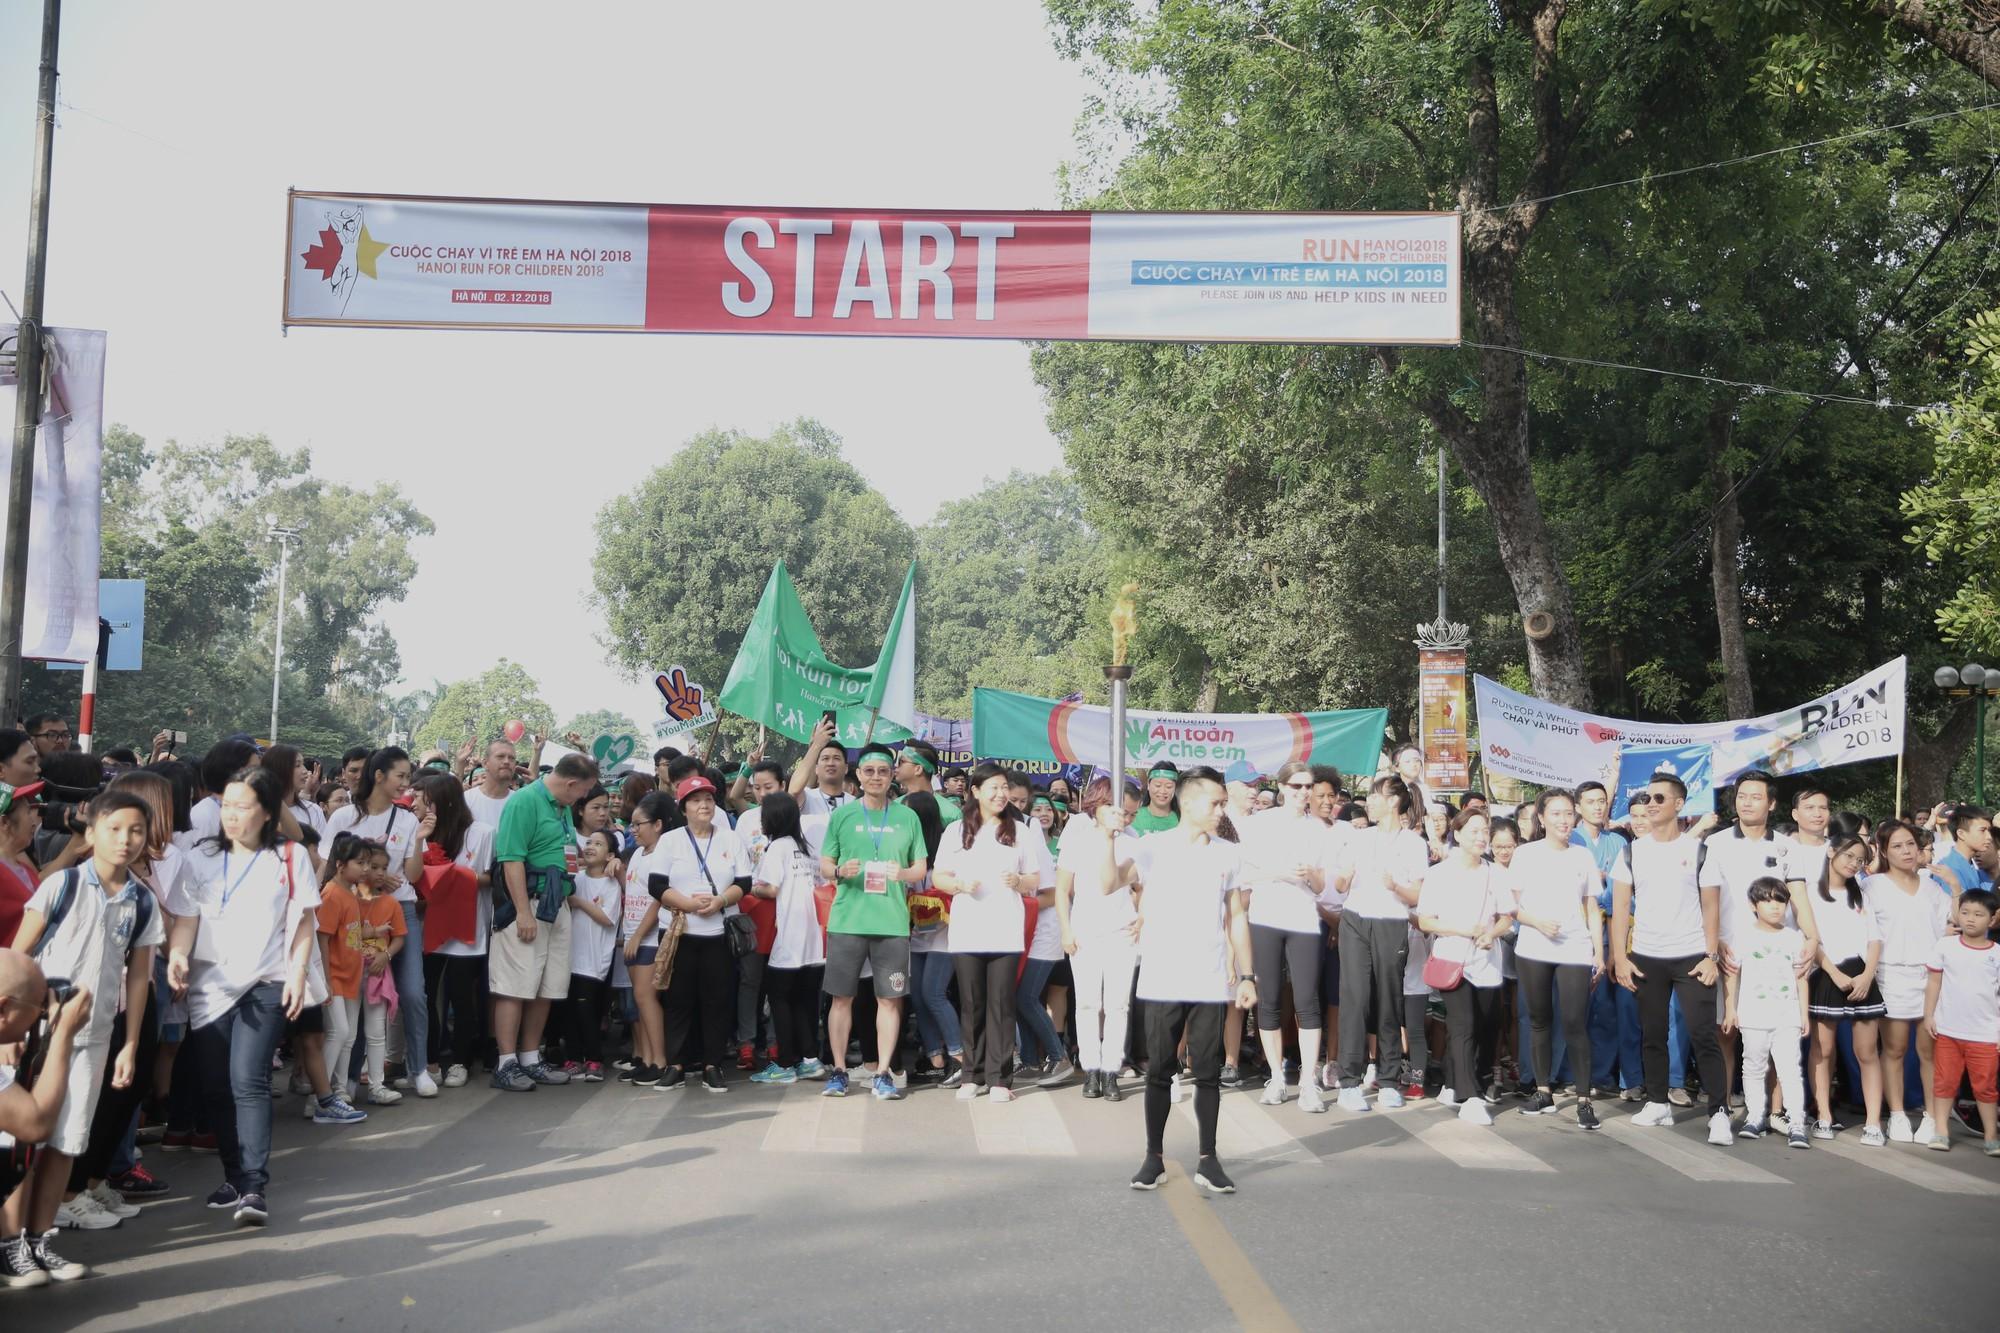 Chạy vì trẻ em Hà Nội 2018 thu hút hàng nghìn người tham dự, quyên góp hơn 1 tỷ đồng - Ảnh 13.